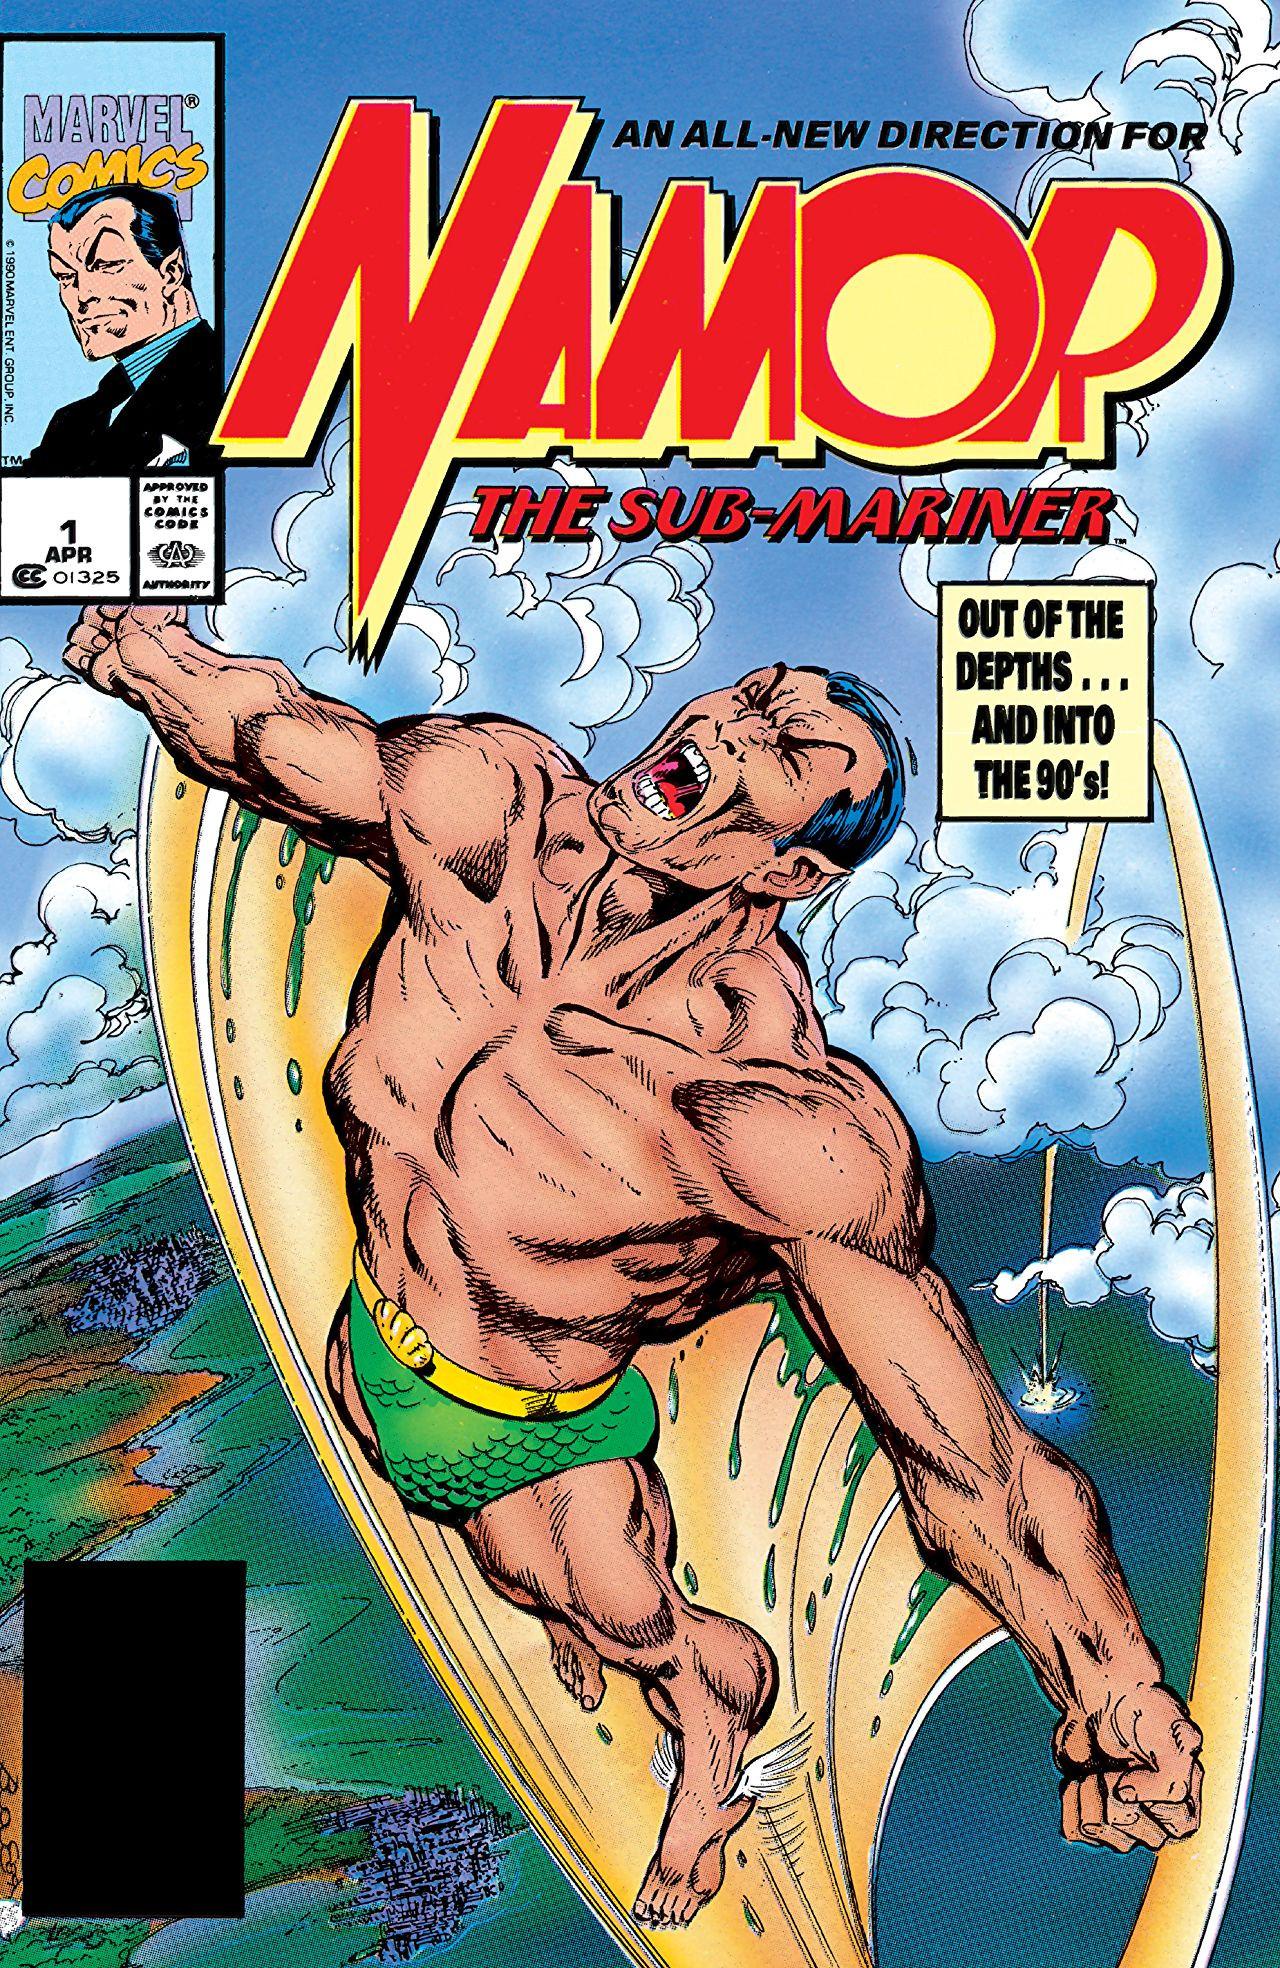 NAMOR THE SUB-MARINER #1 MARVEL COMICS FANTASTIC 1ST ISSUE 1990 JOHN BYRNE!